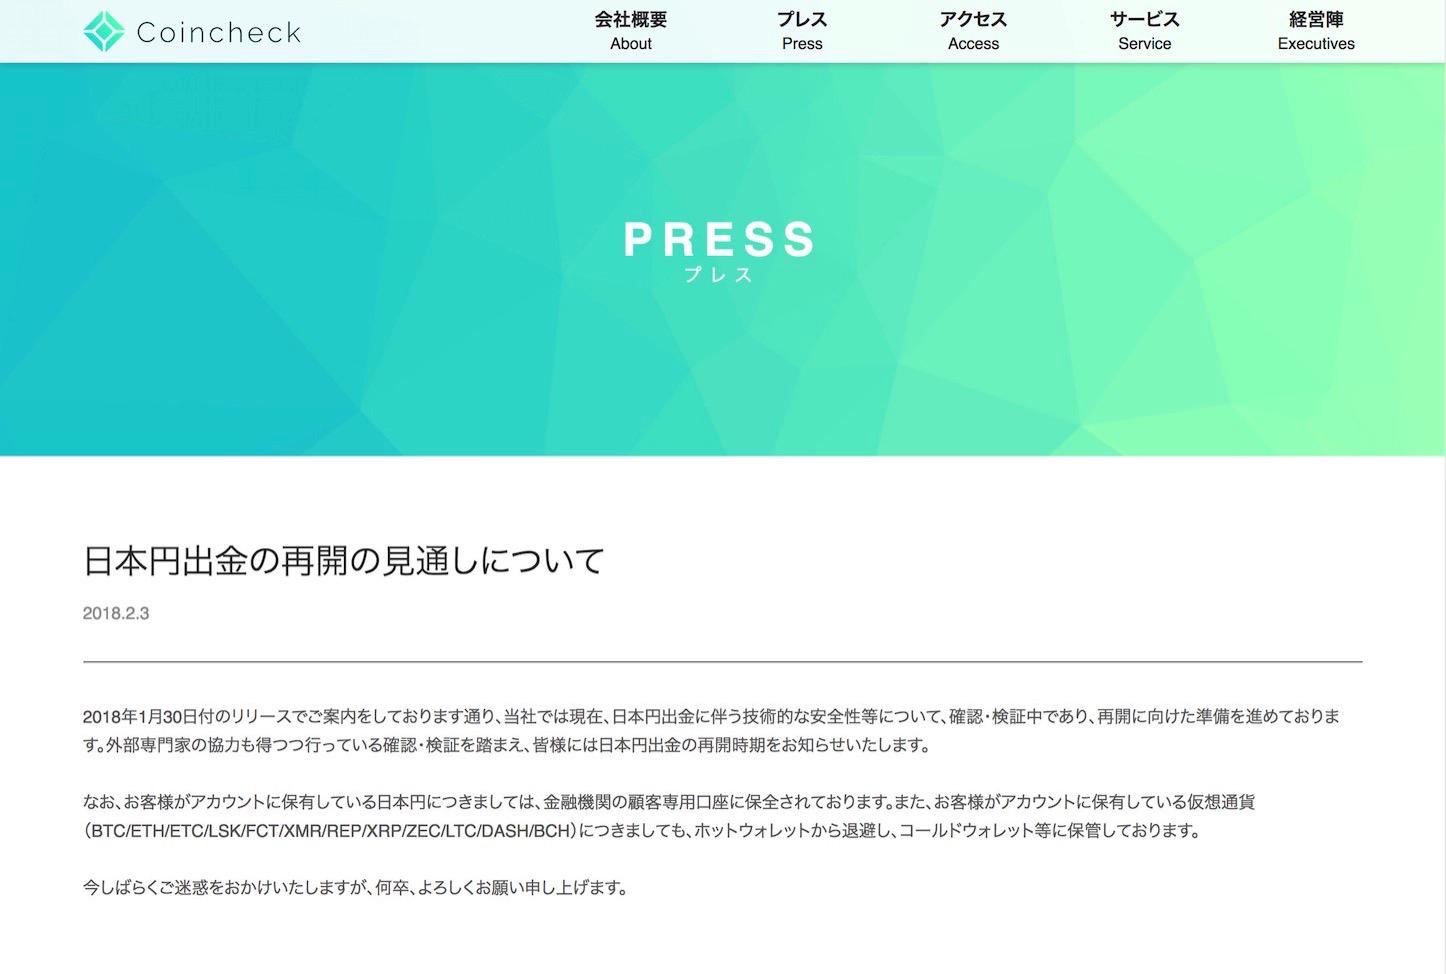 Coincheck news